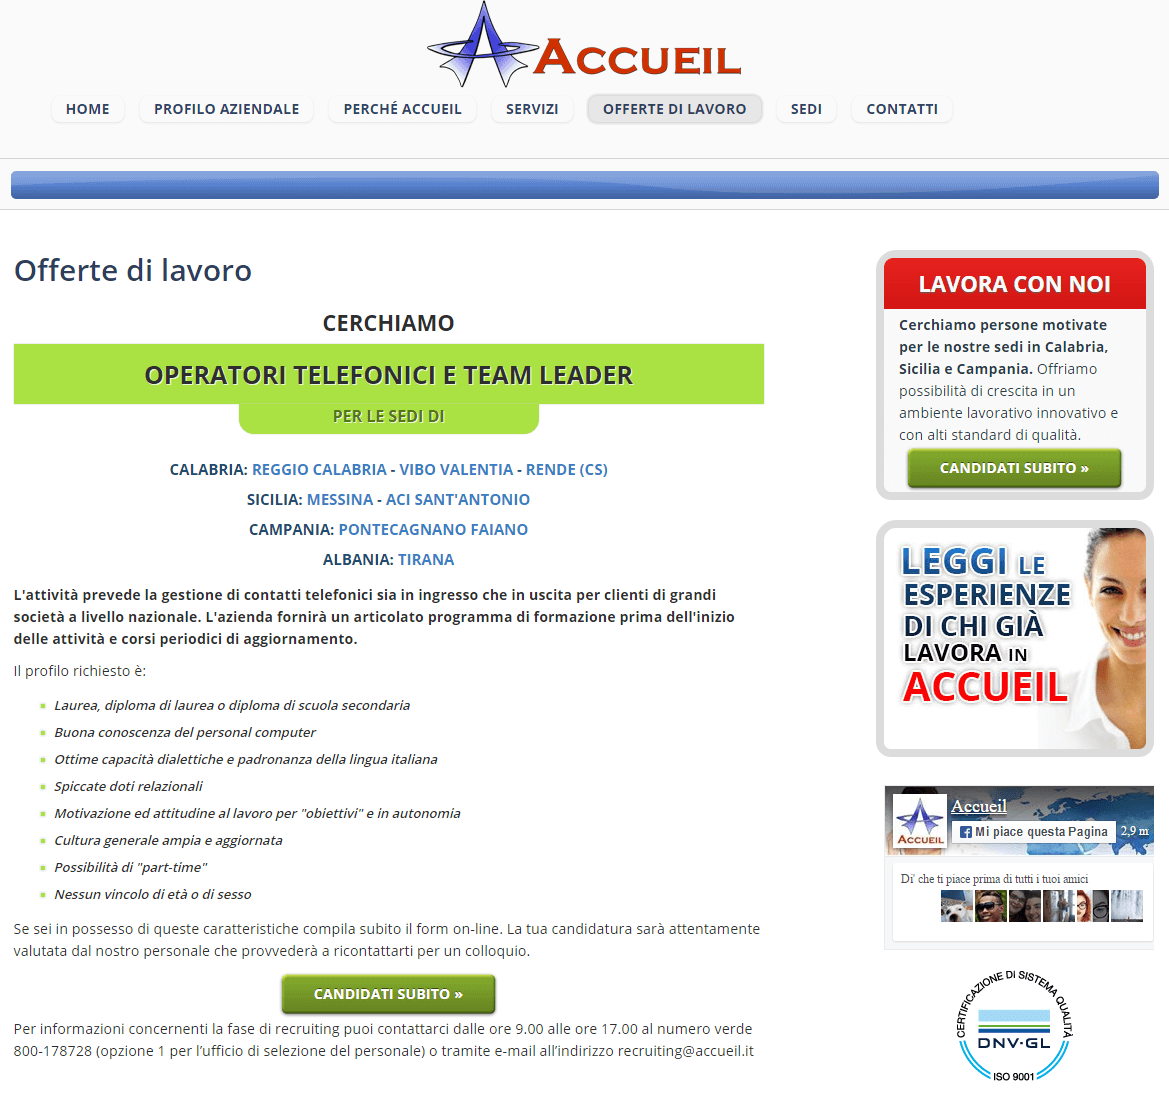 Accueil - Pagina offerta di lavoro